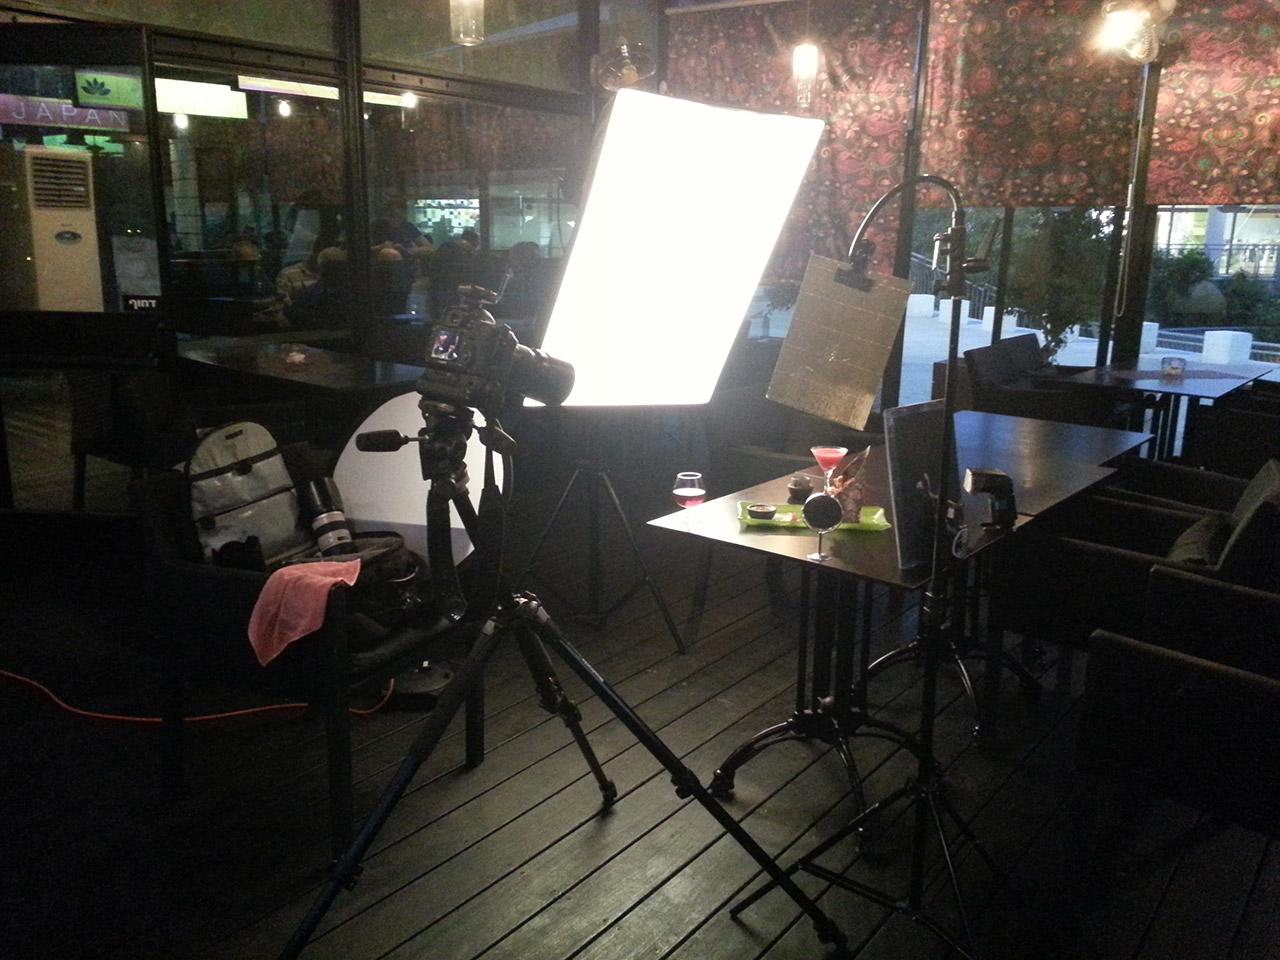 צלם אוכל,צלם מזון,צלם תדמית,צלם מוצרים,צלם סטודיו בעסק הלקוח